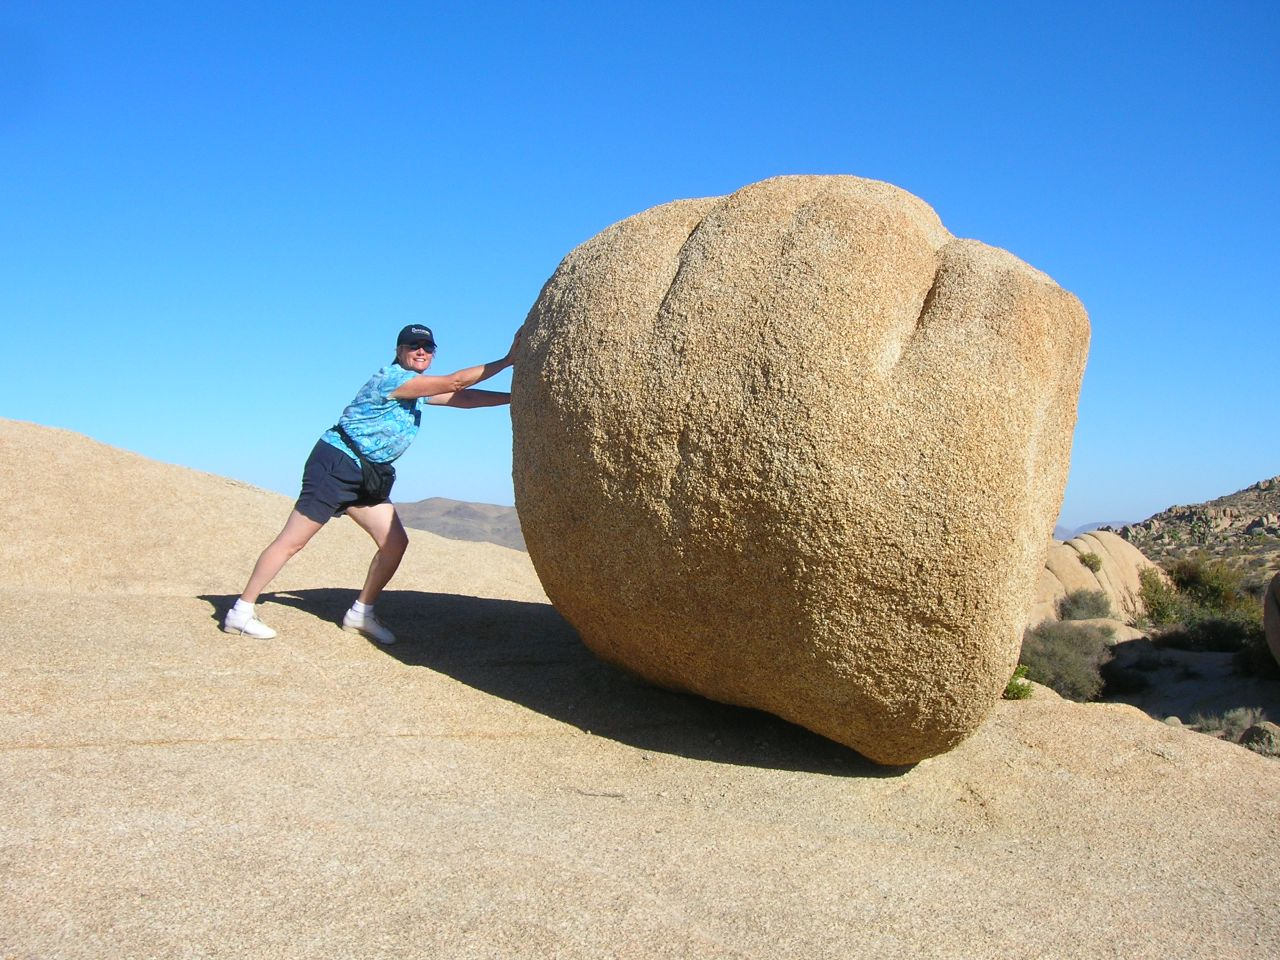 person pushing boulder